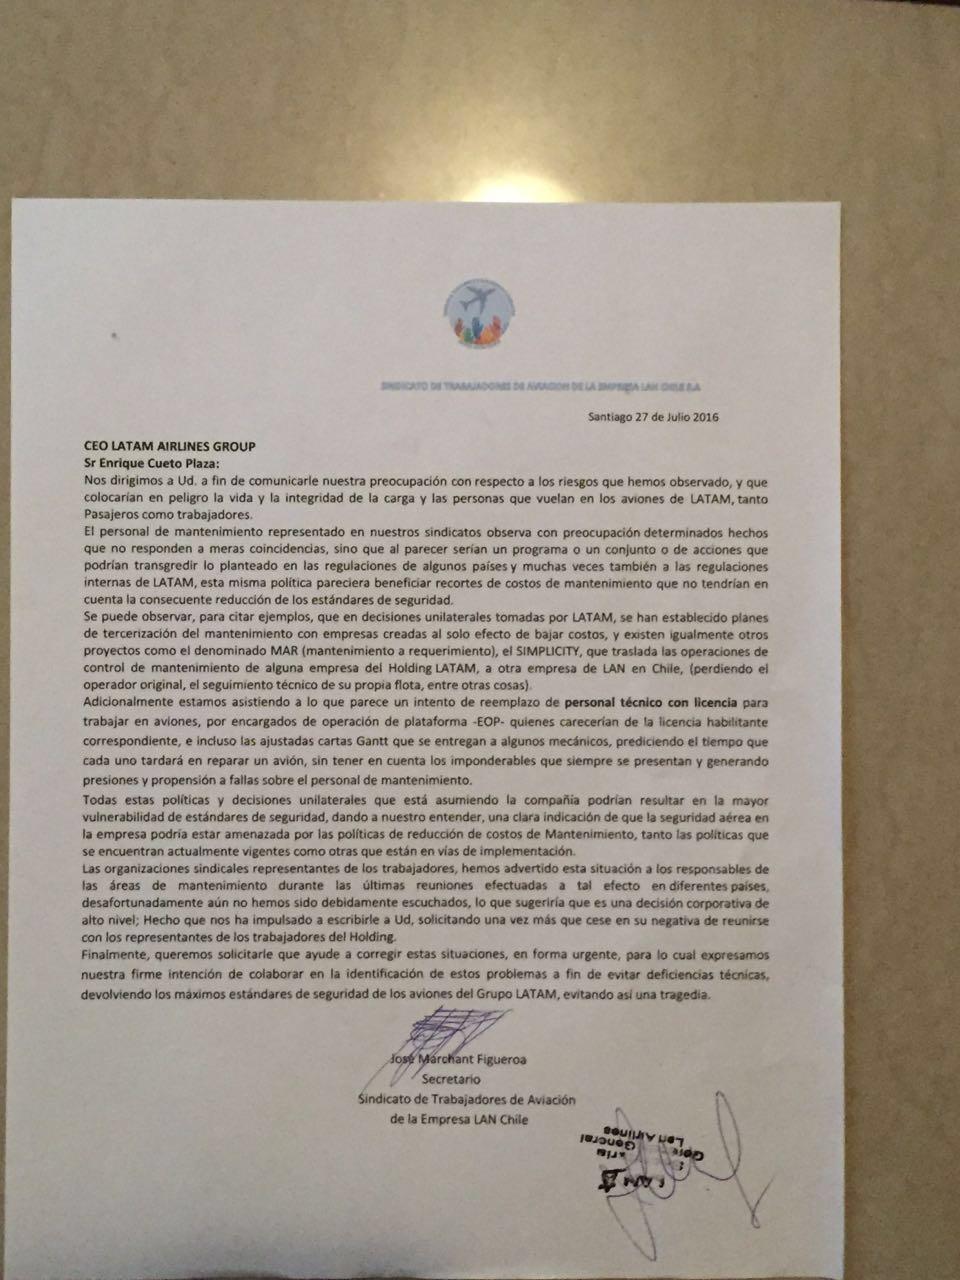 IMG-20160803-WA0008